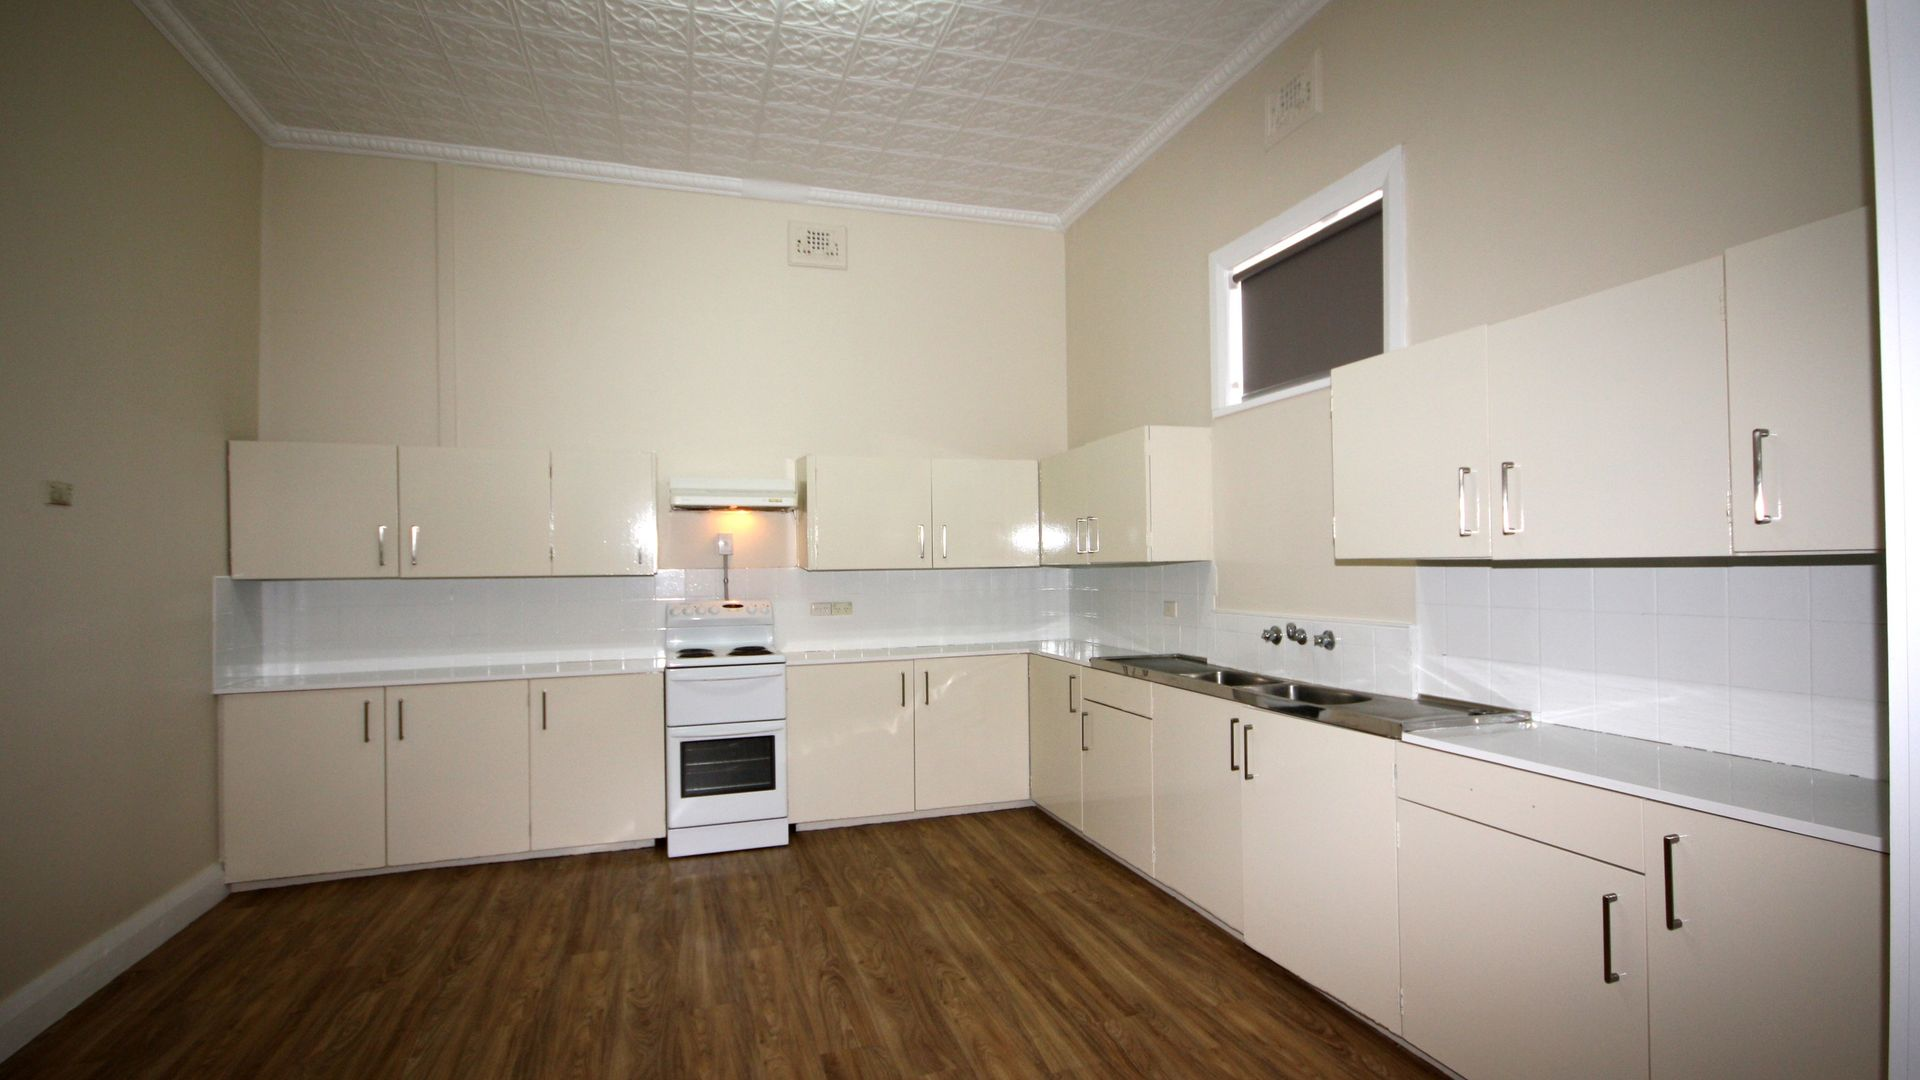 5/139 Maitland St, Narrabri NSW 2390, Image 2